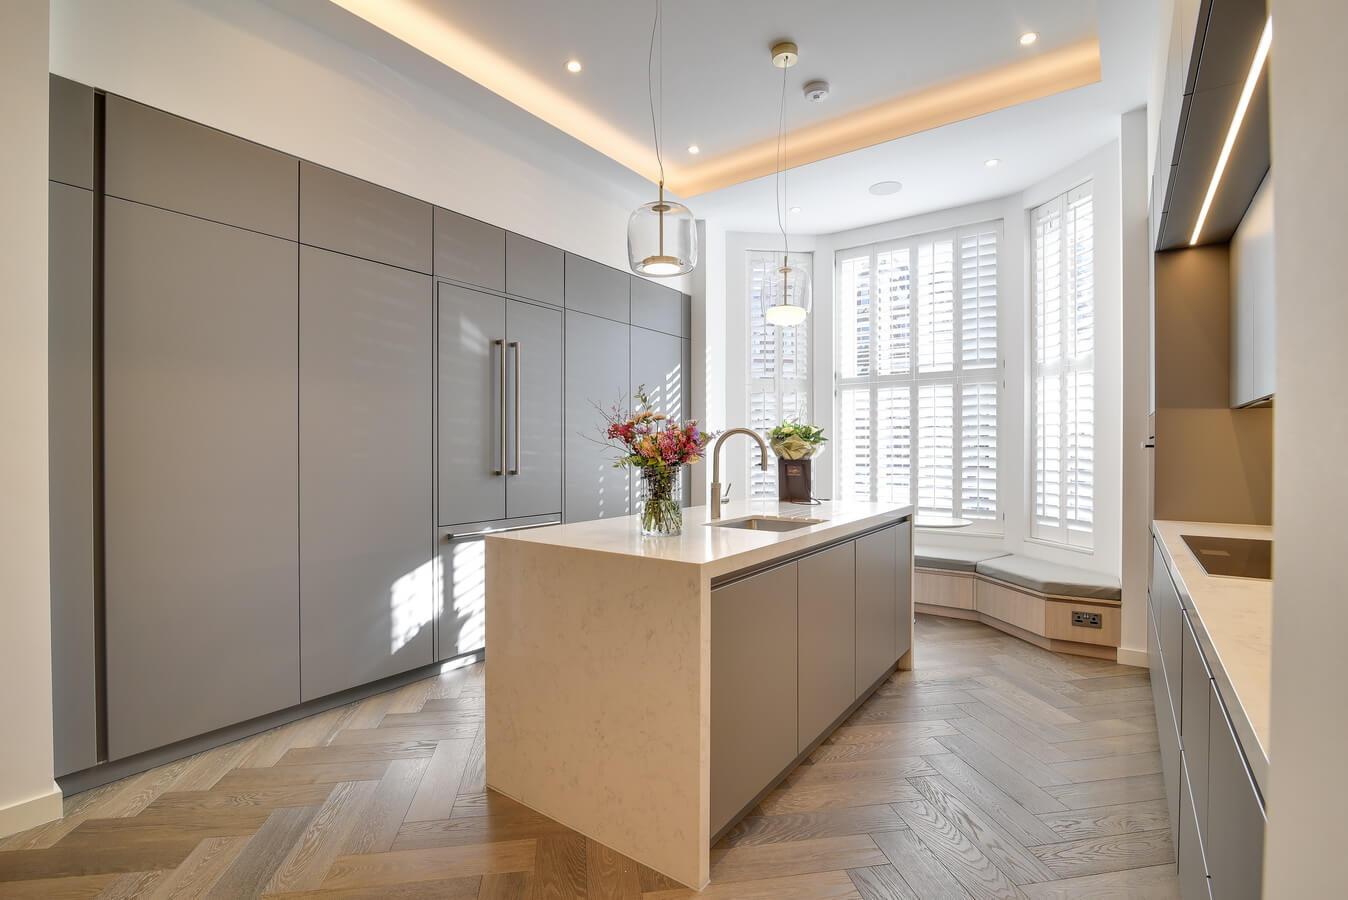 Central-London-Next125-German-Luxury-Kitchen.jpg